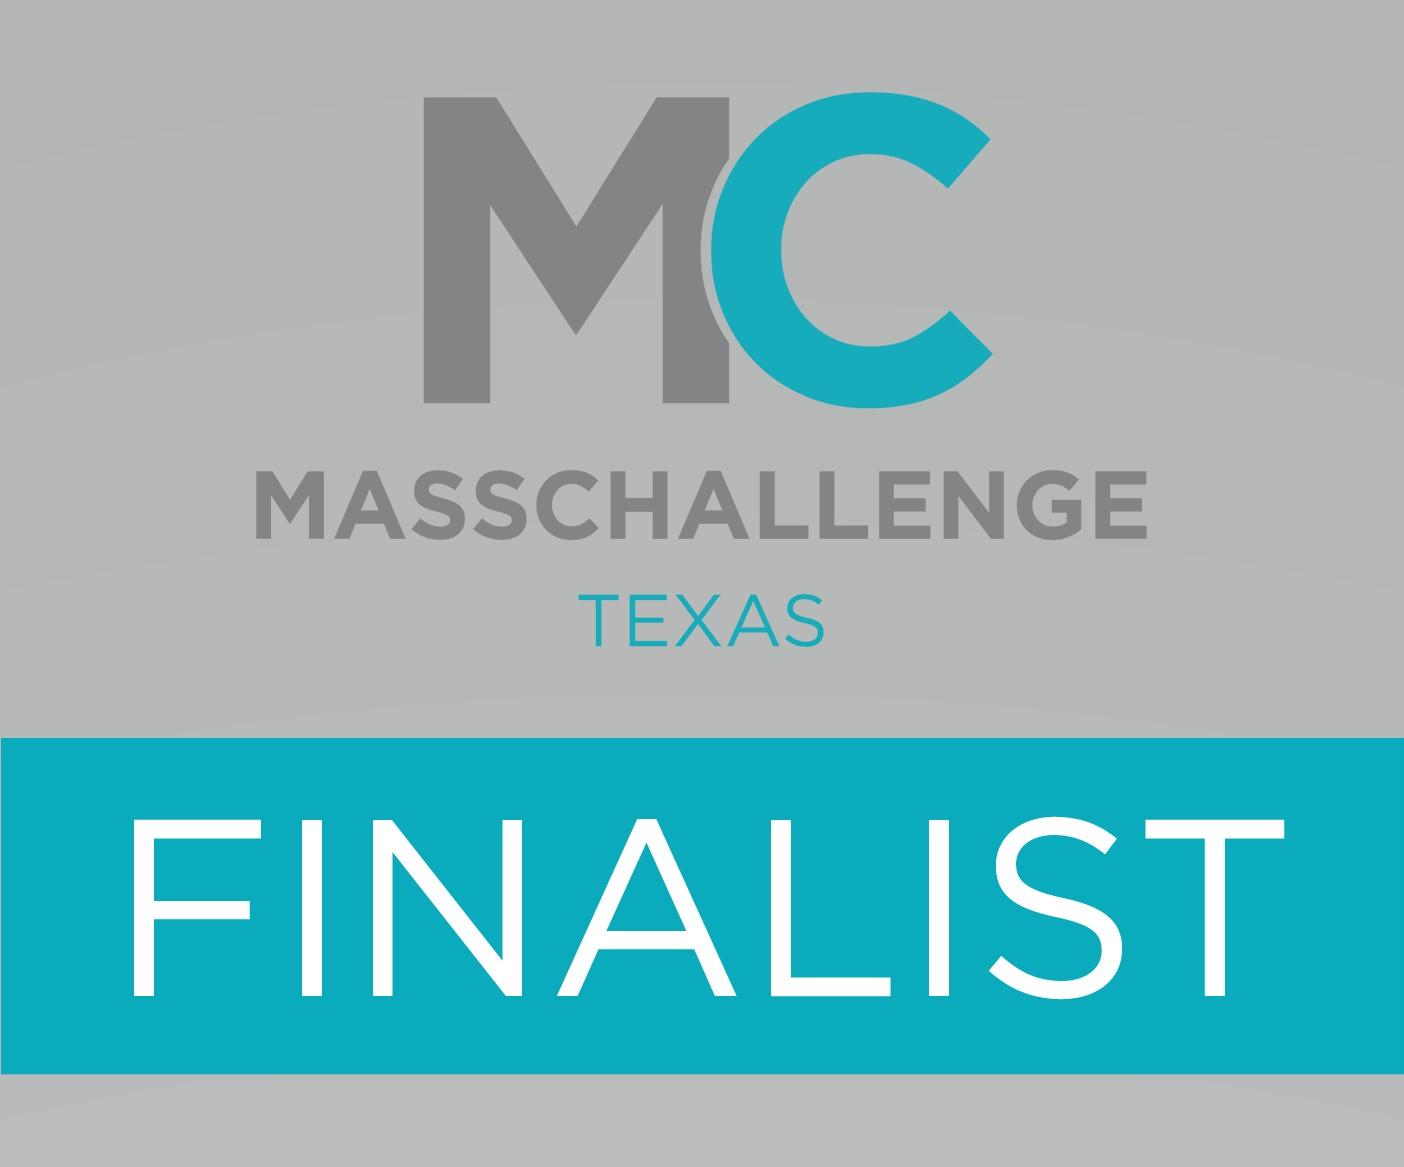 MassChallenge Texas shep